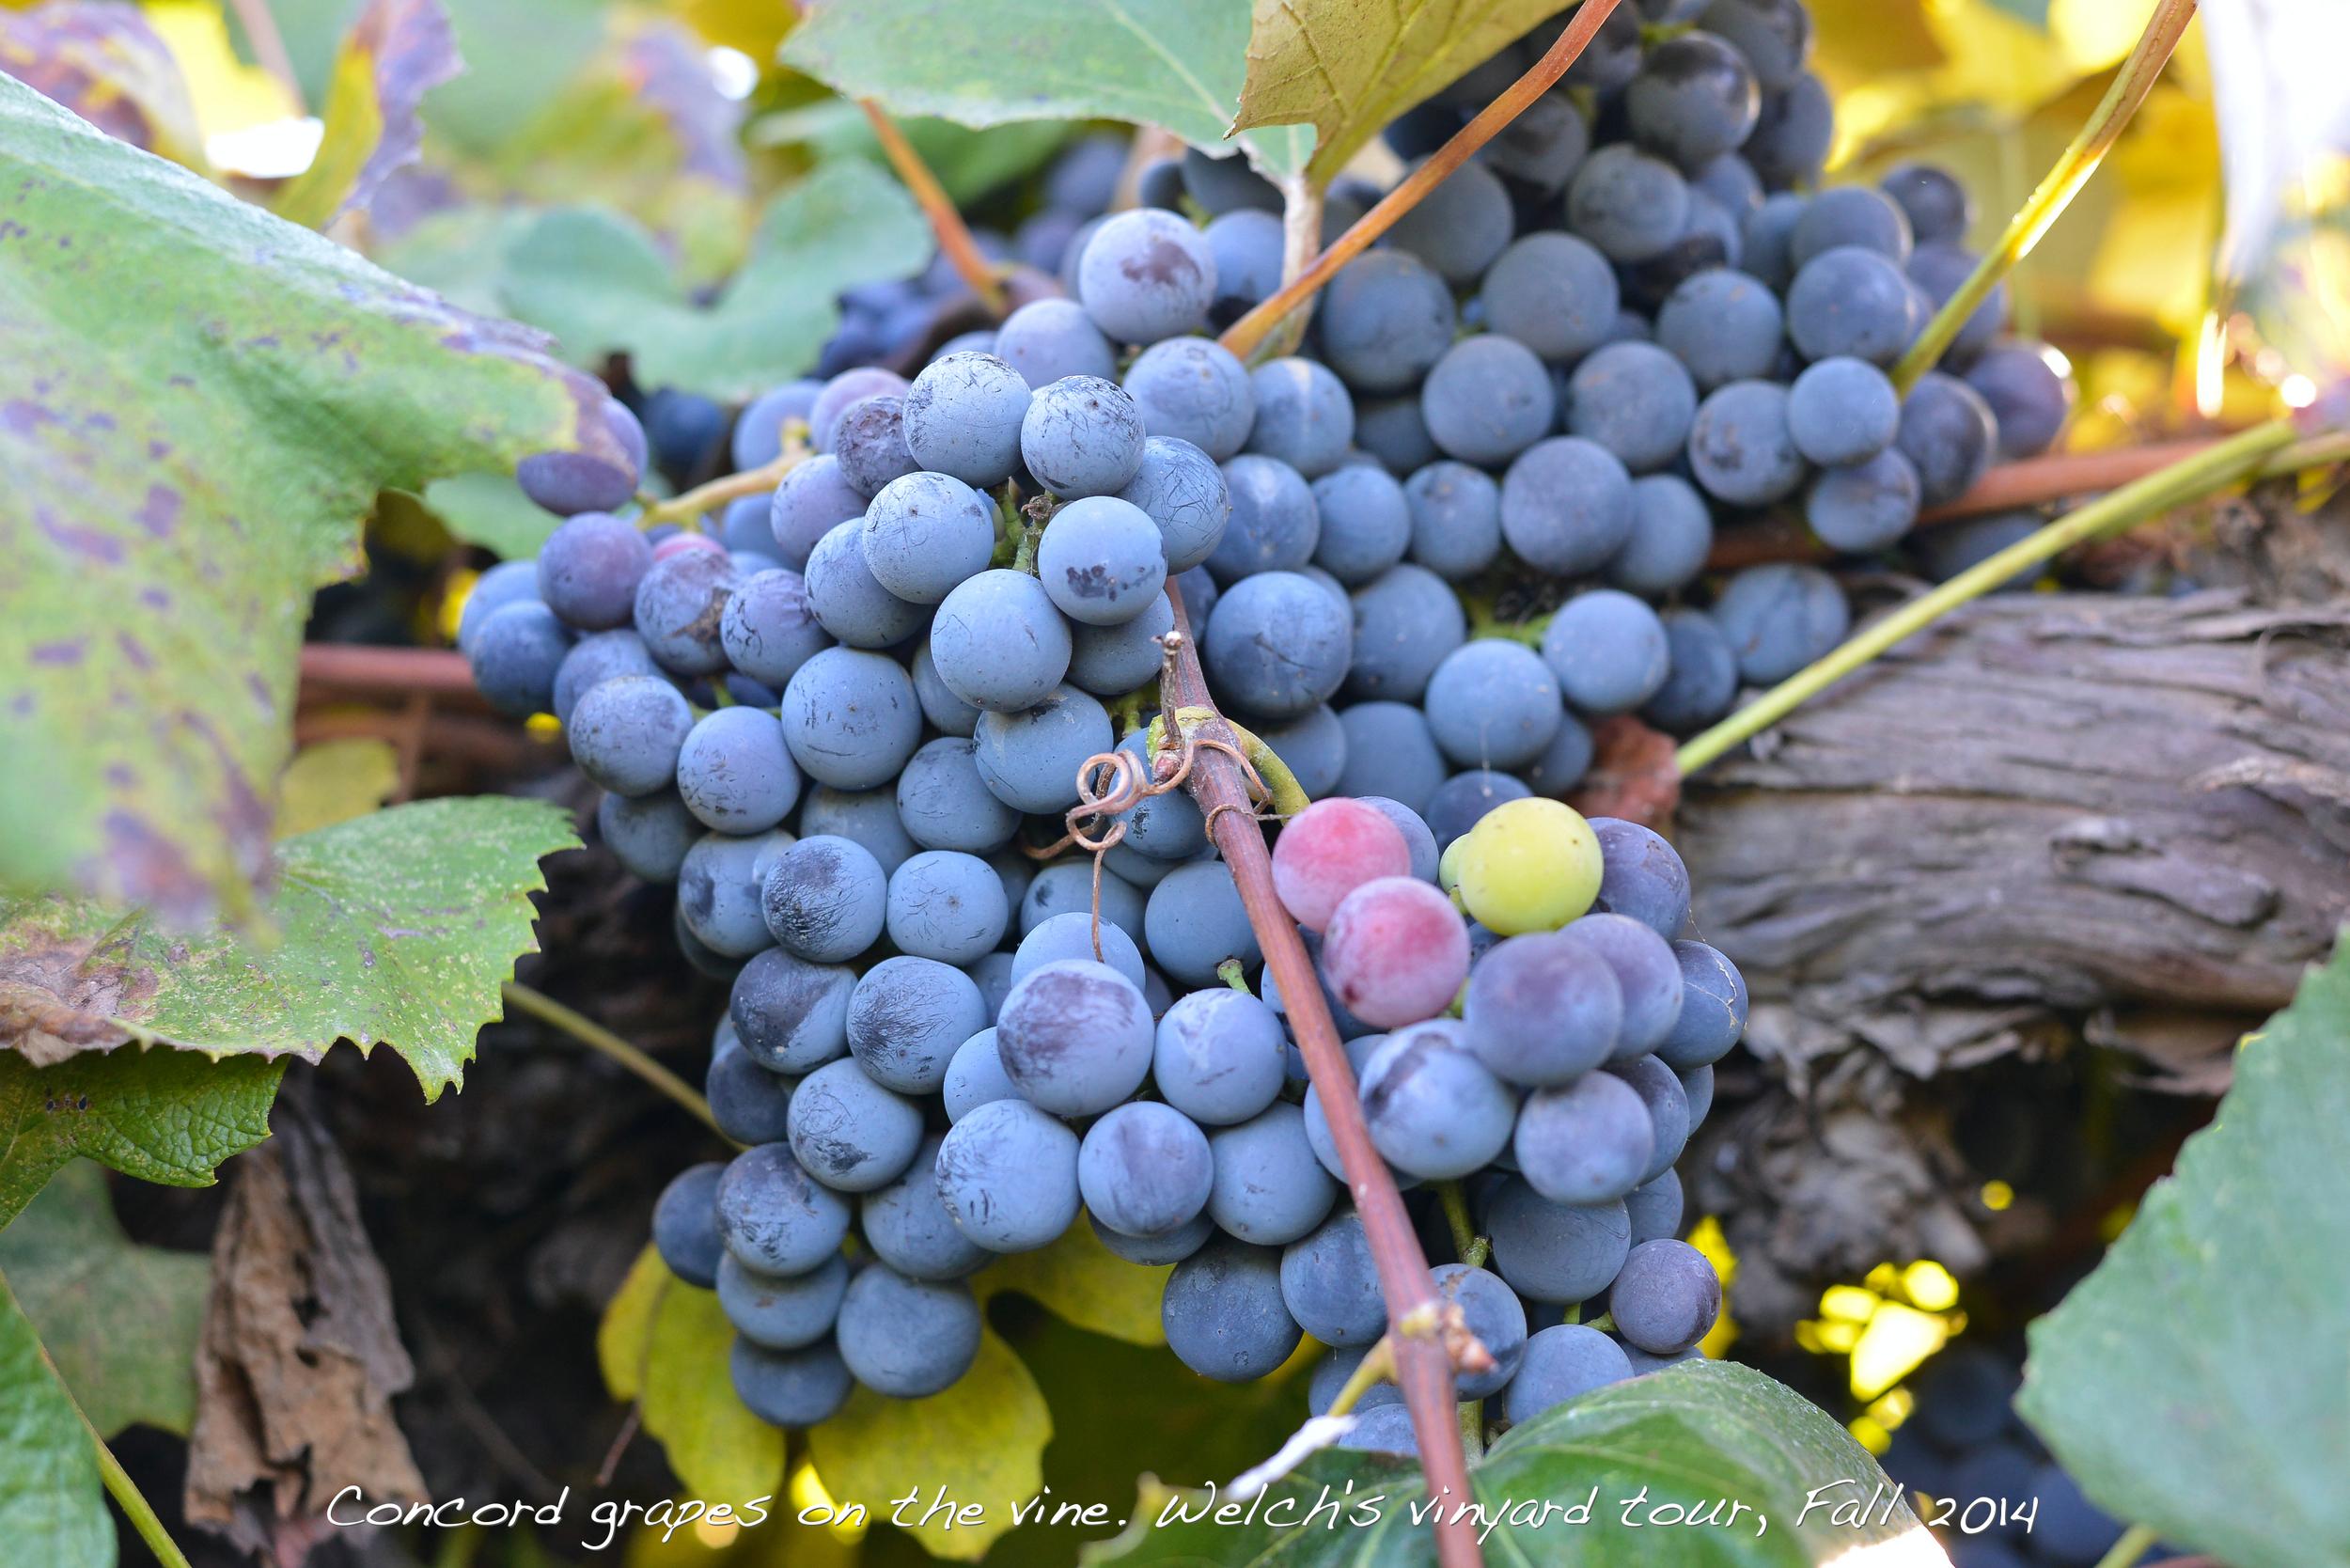 Welch's Vineyard Tour 2014